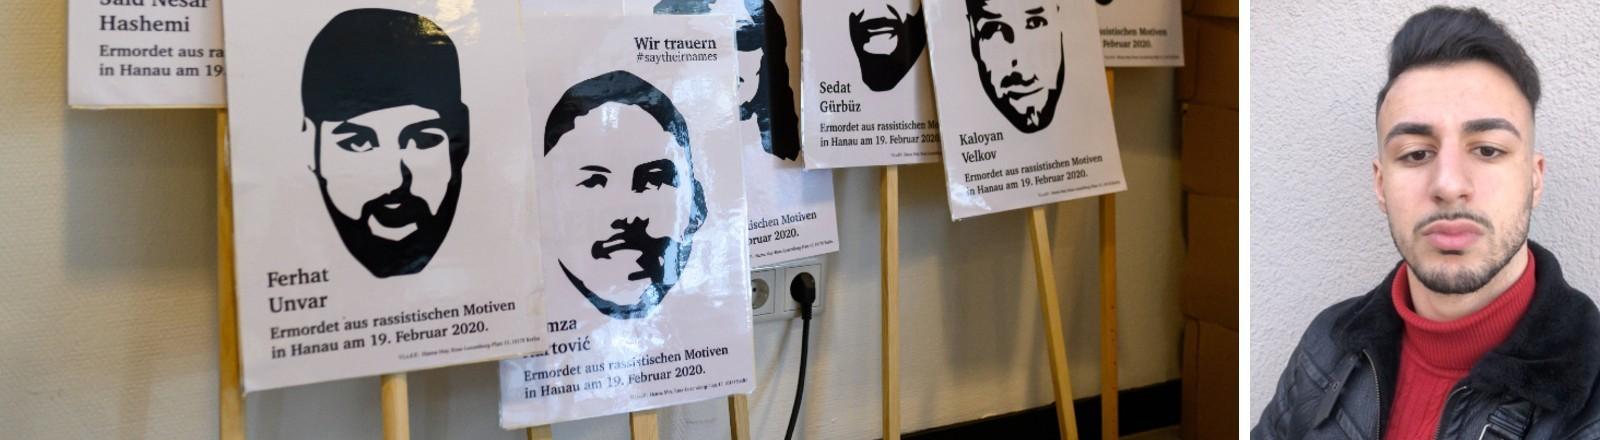 Schilder mit Bildern und den Namen der Toten des Anschlags von Hanau und ein Bild von Mirkan Unvar